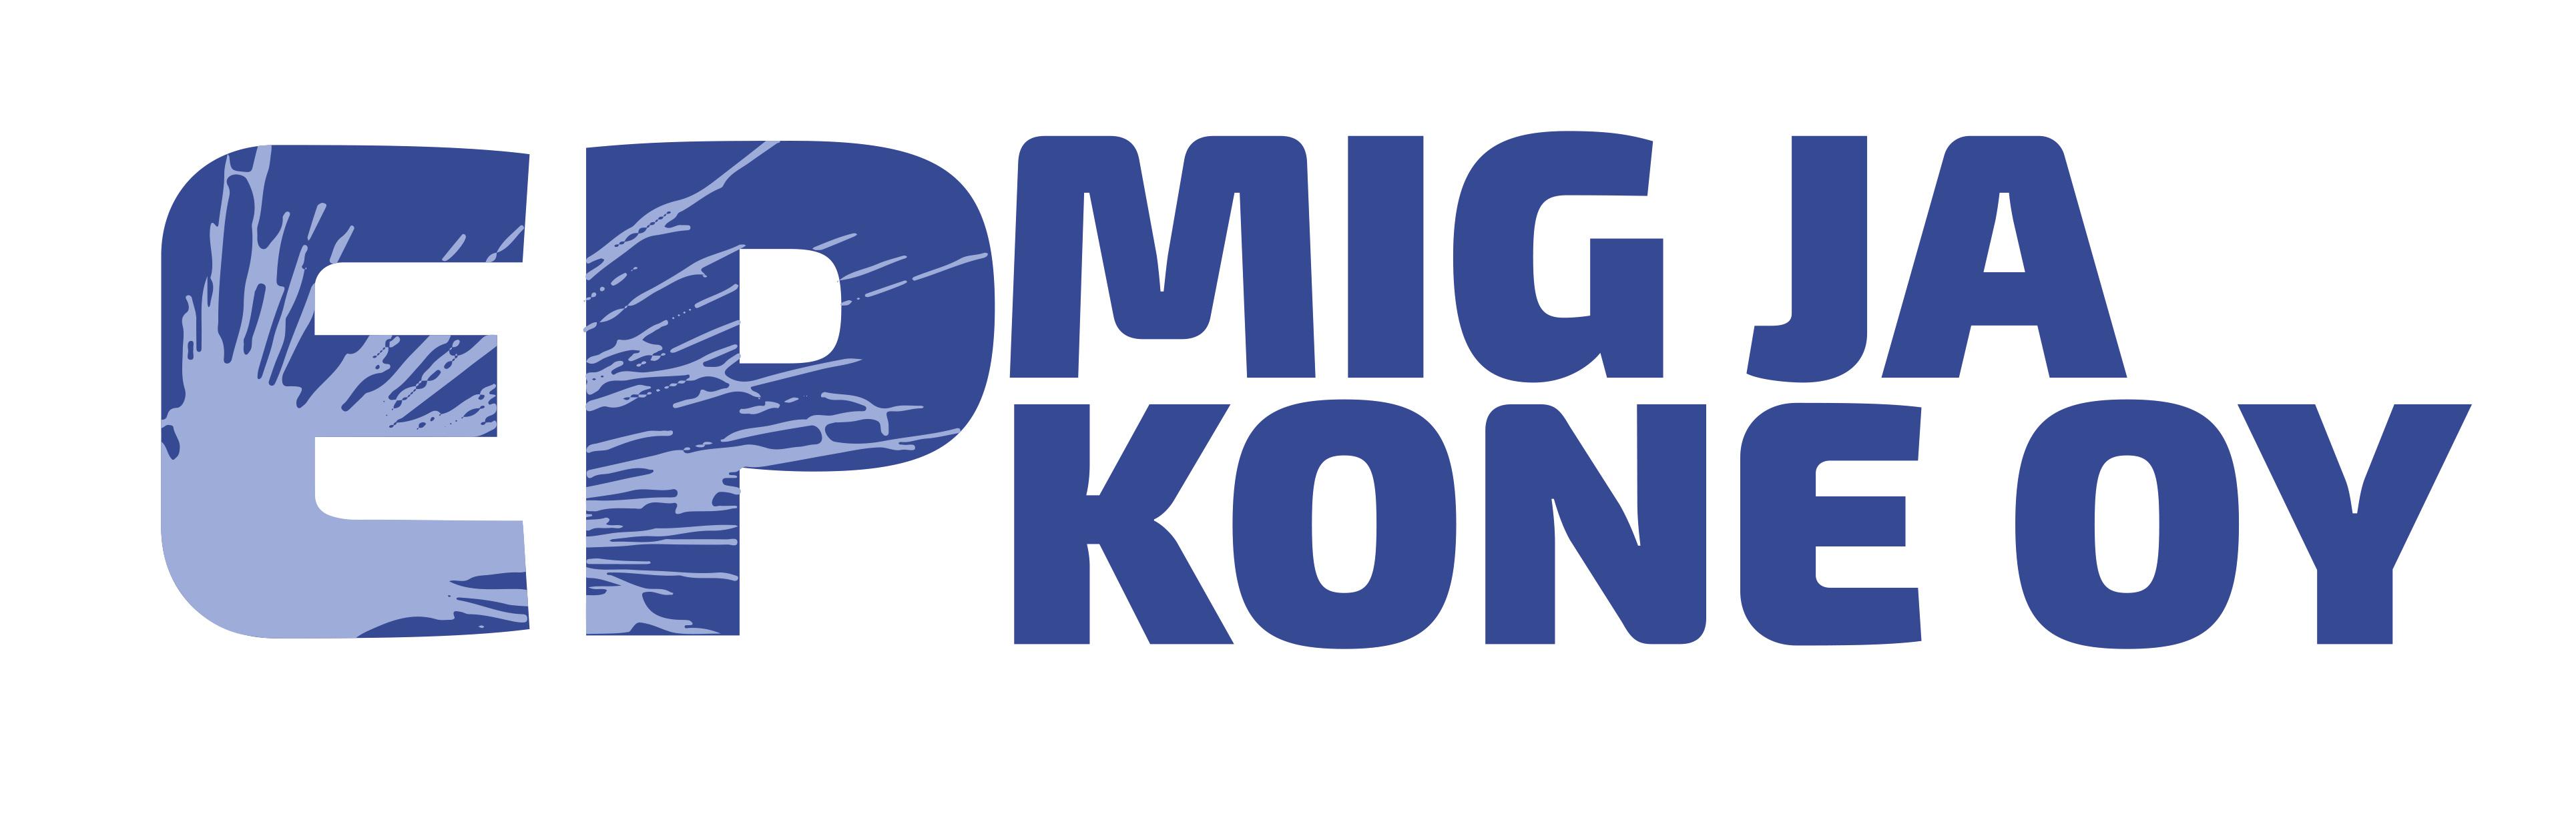 mig_ja_kone_logo_kipinoilla_jpg